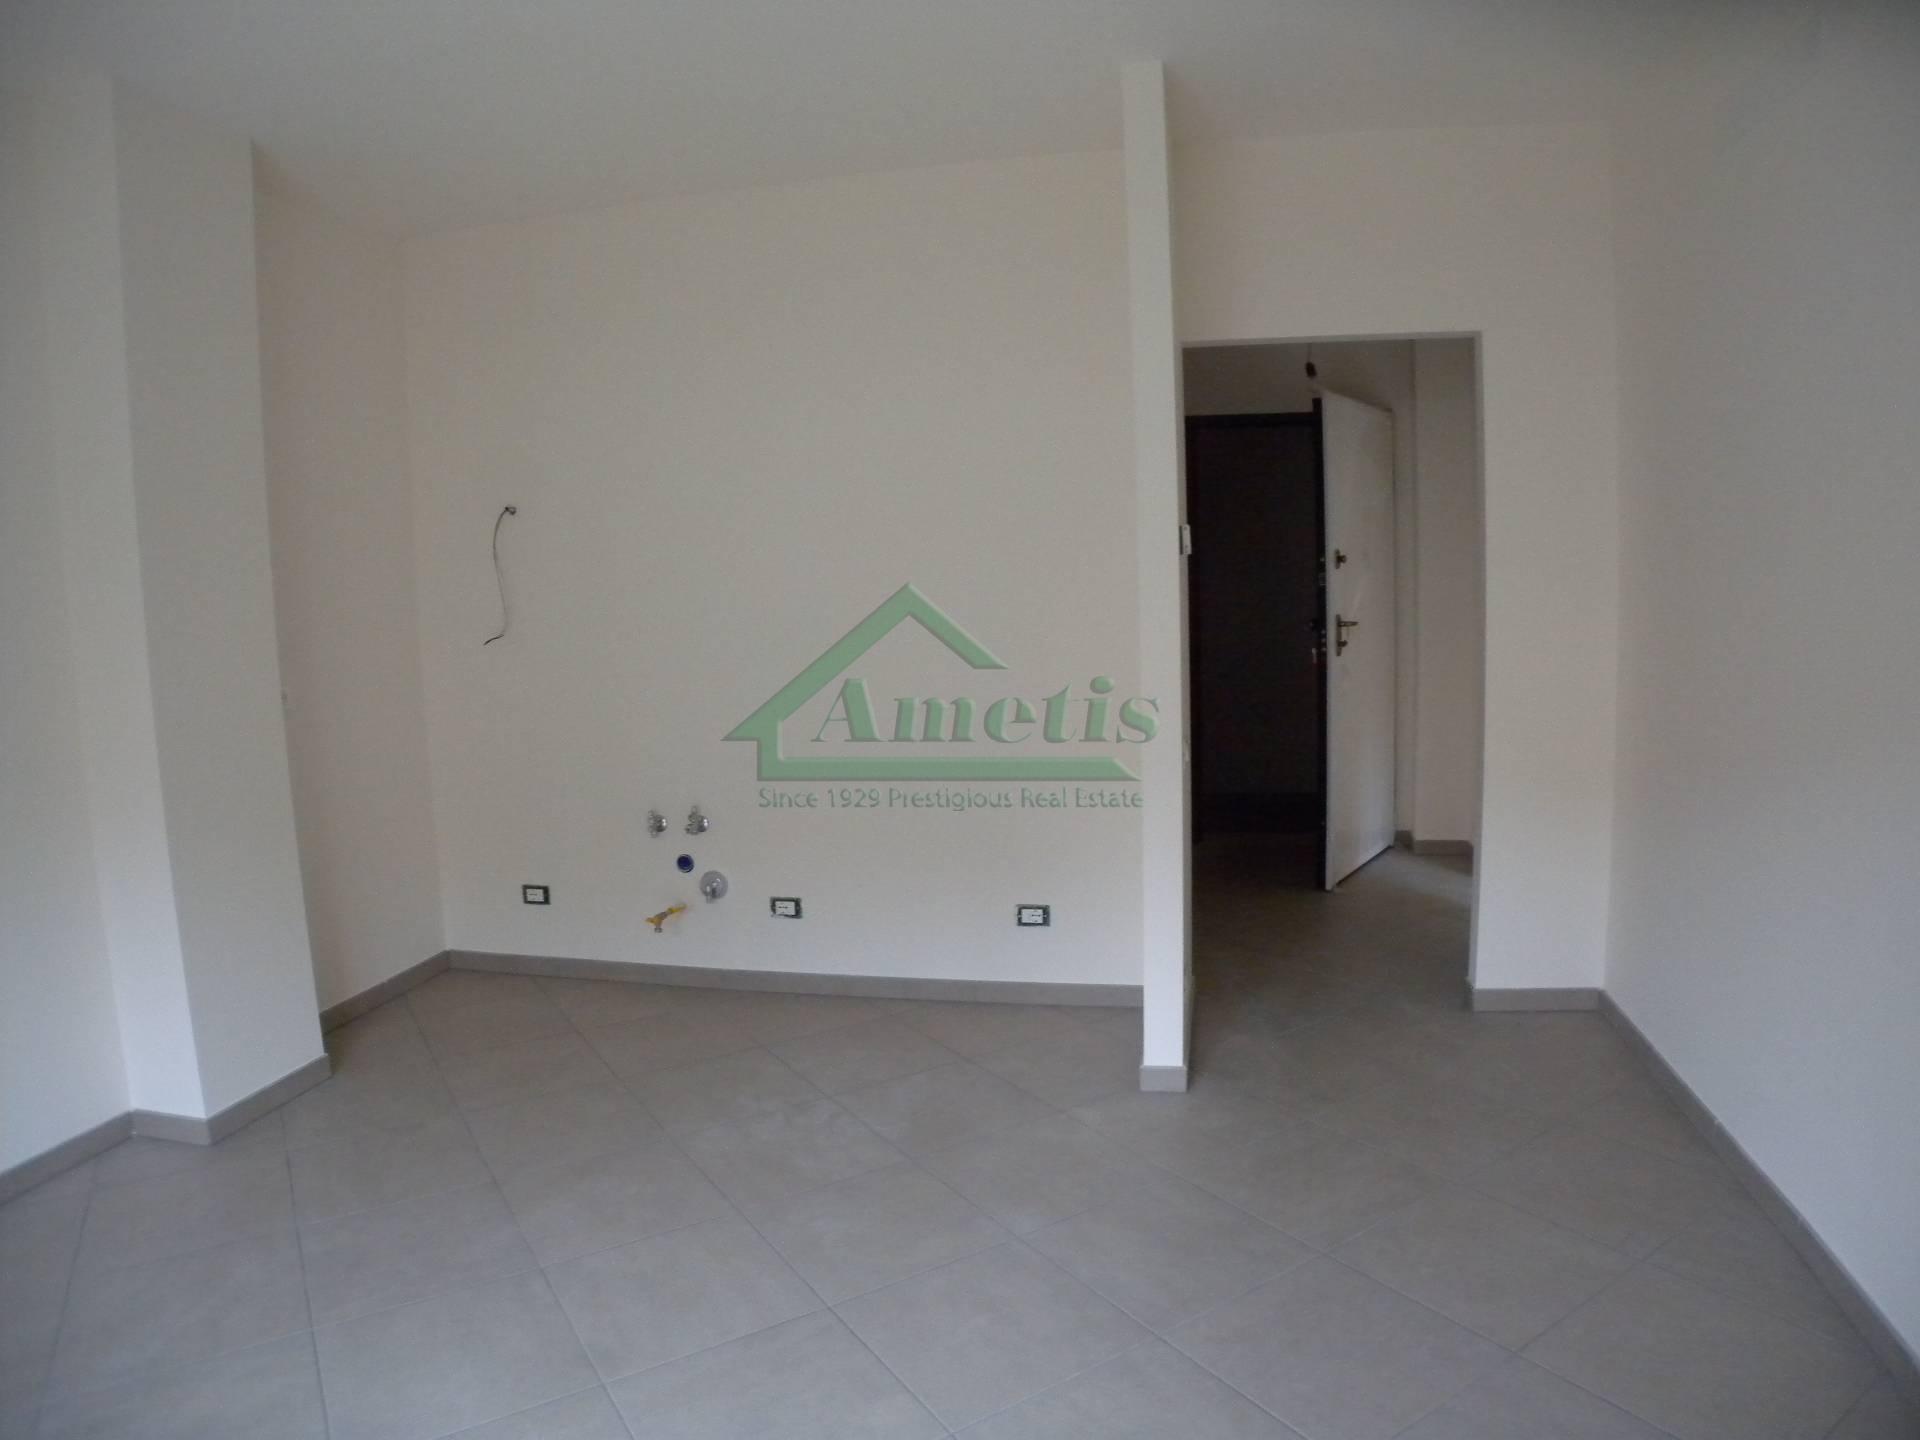 Appartamento in affitto a Imperia, 2 locali, zona Località: Onegliacentro, prezzo € 530 | Cambio Casa.it